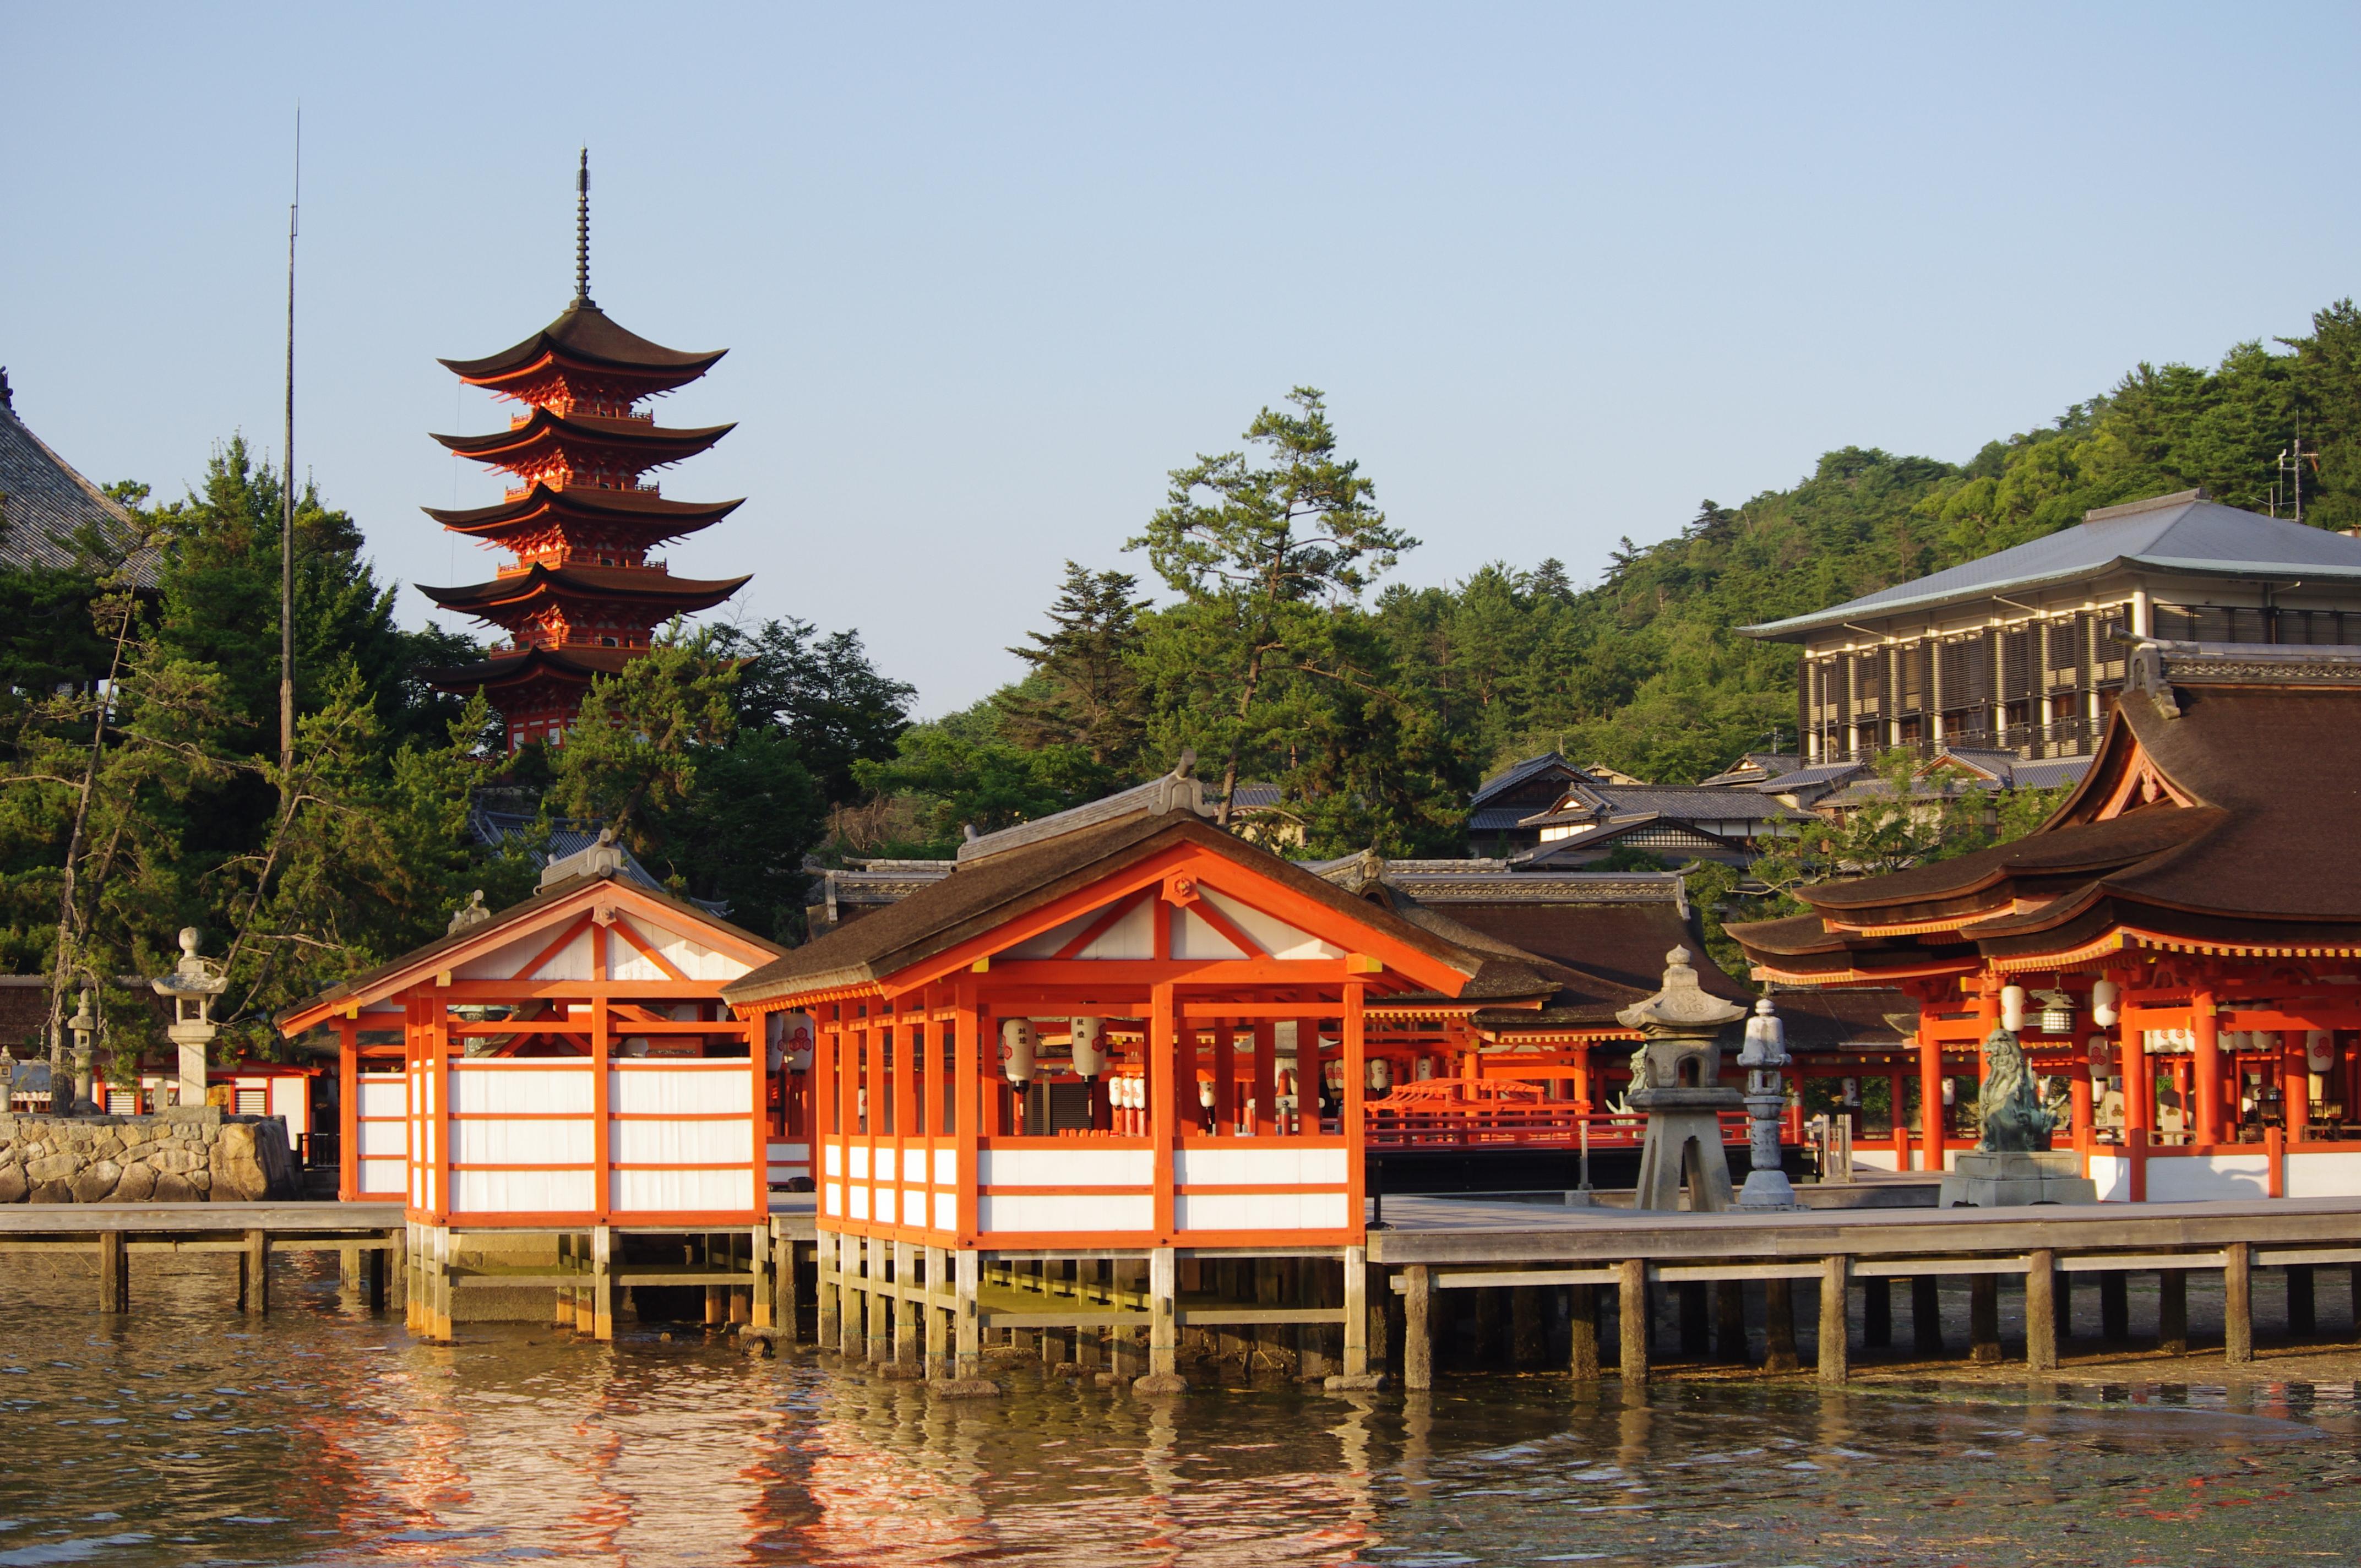 Vận chuyển hàng không tiểu ngạch từ Nhật Bản về Nghệ An giá rẻ